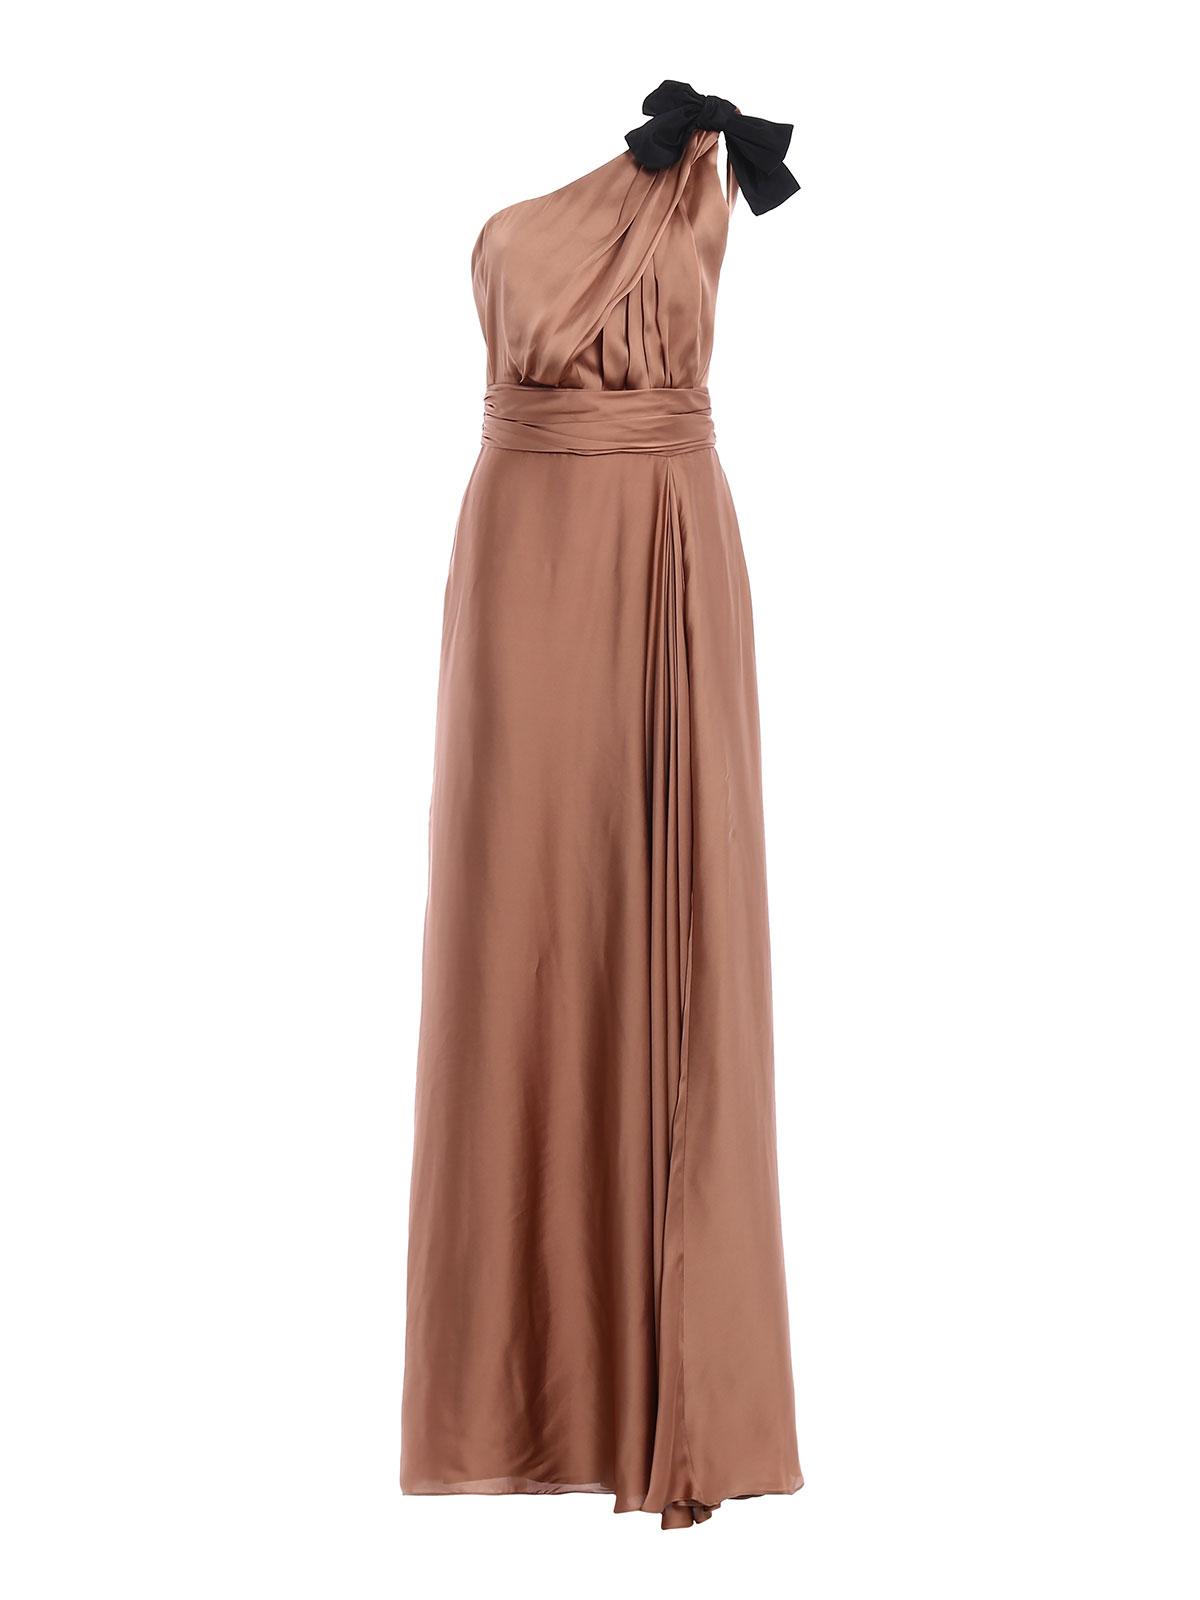 Max Mara - Abendkleid - Bronze - Abendkleider - 15